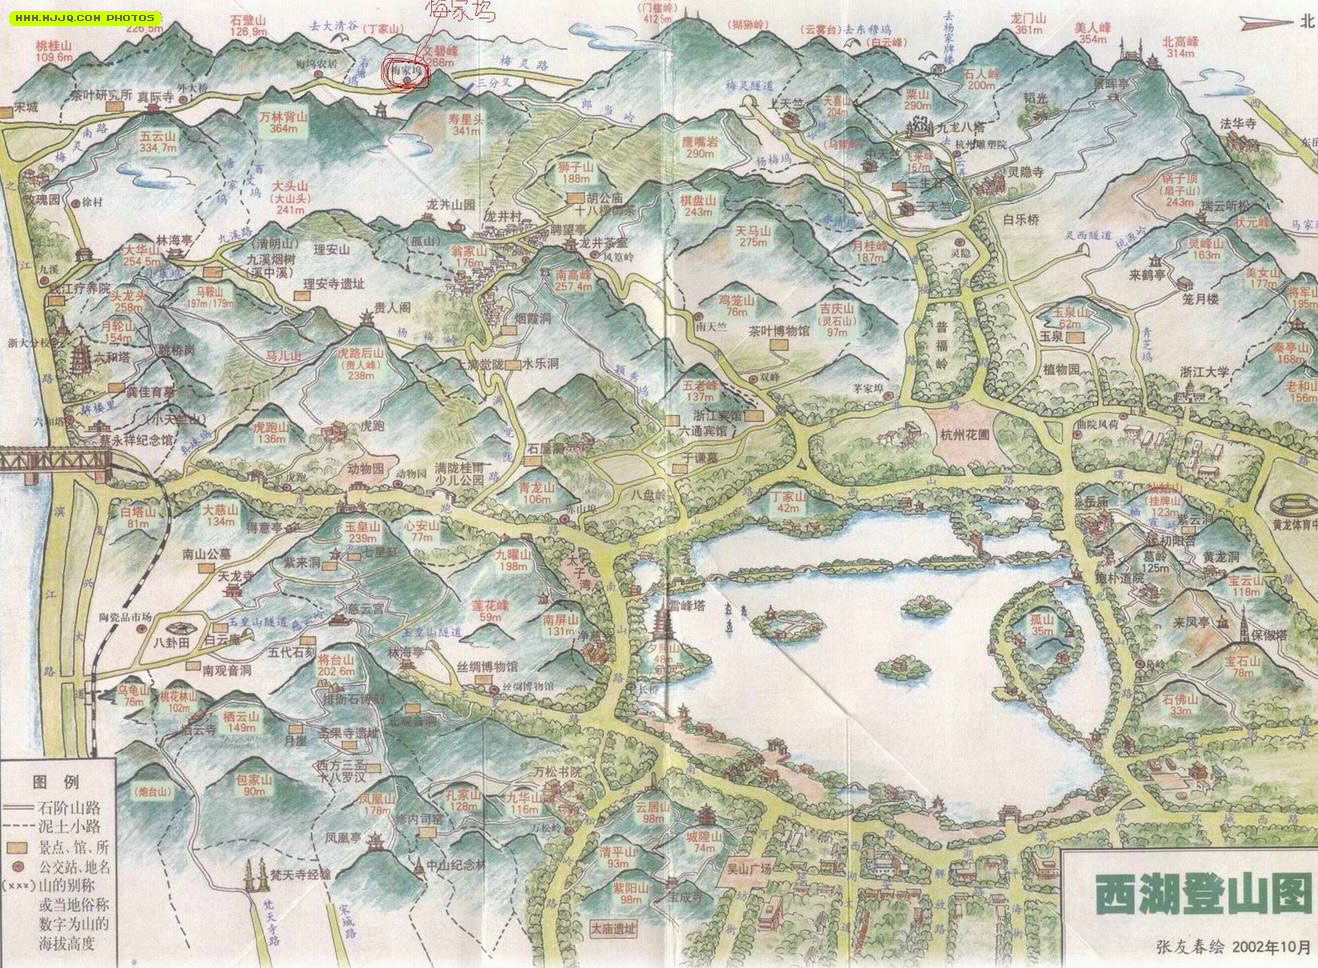 西湖区行政地图